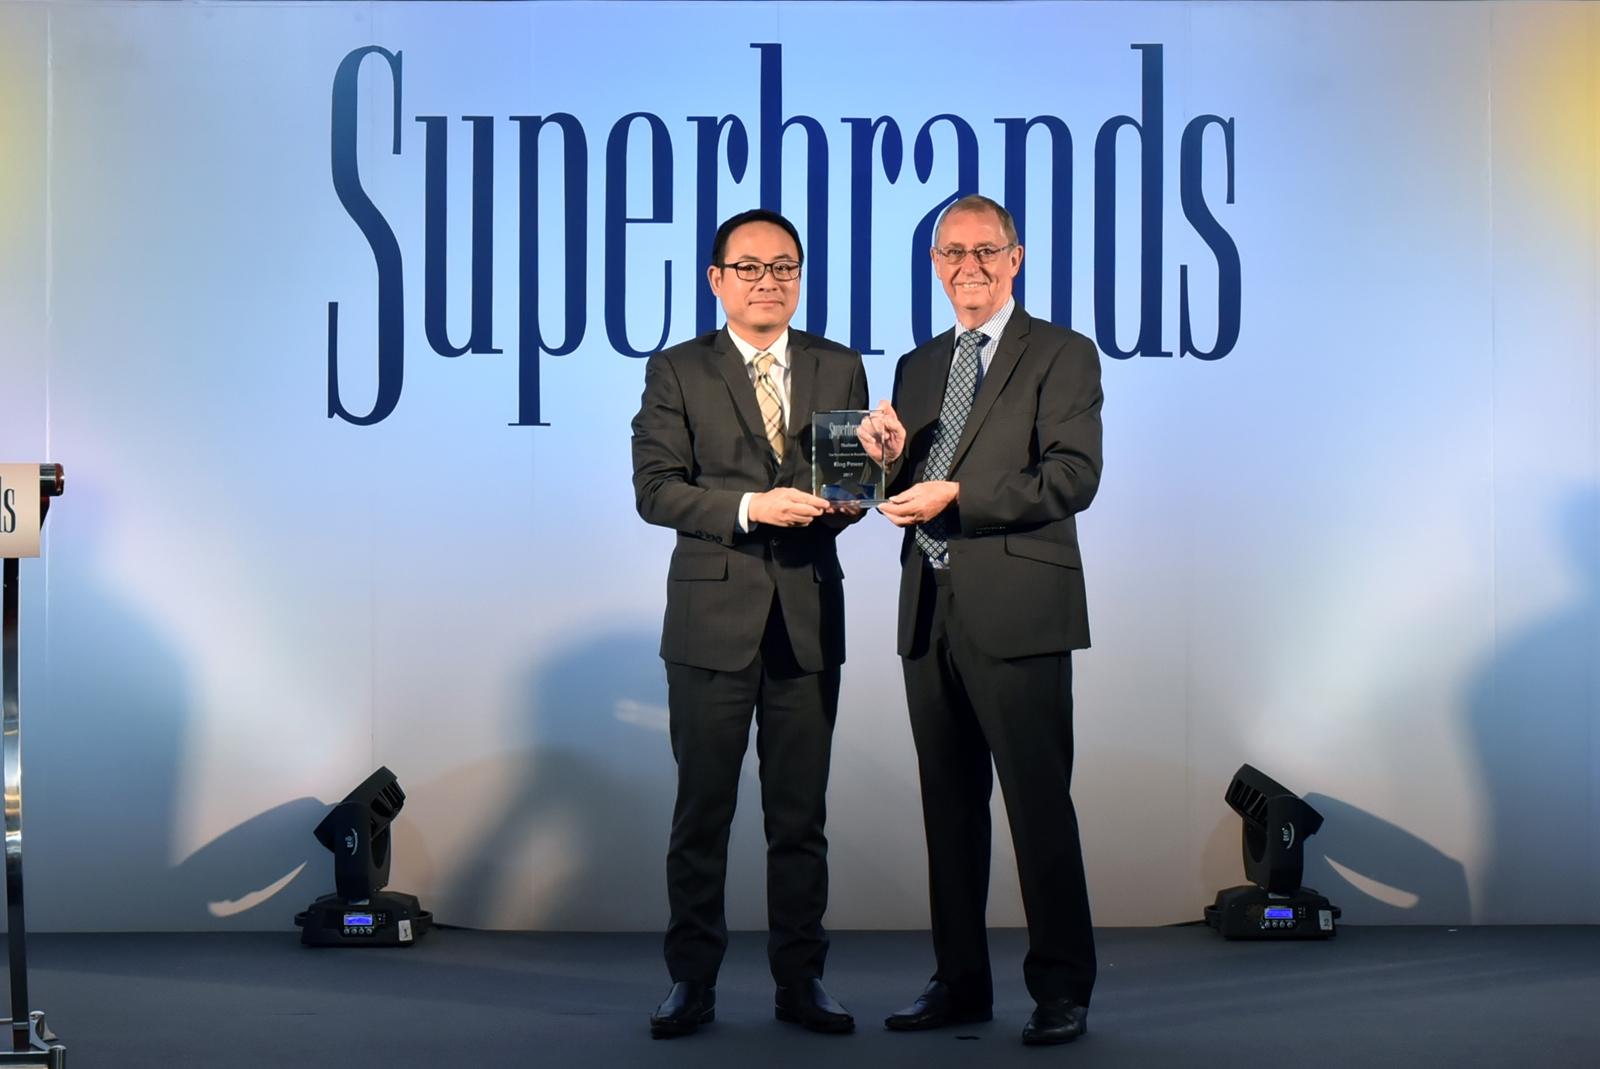 กลุ่มบริษัท คิง เพาเวอร์ คว้ารางวัล Superbrands Thailand 2017